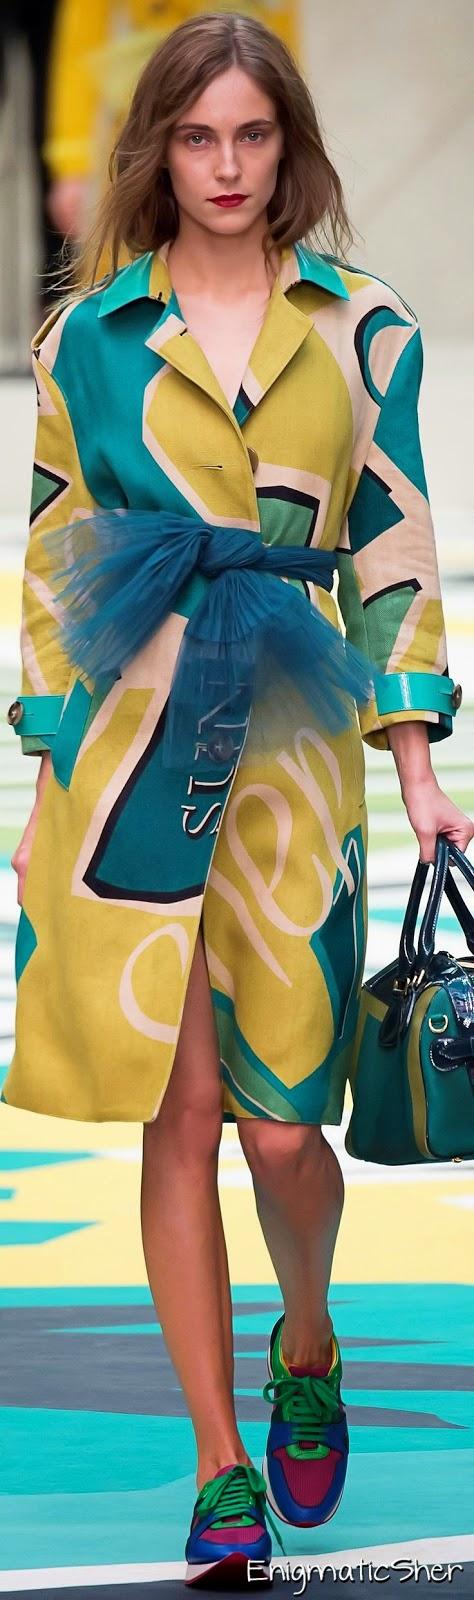 Tendências moda  2015 -  lenços de tule à volta da cintura